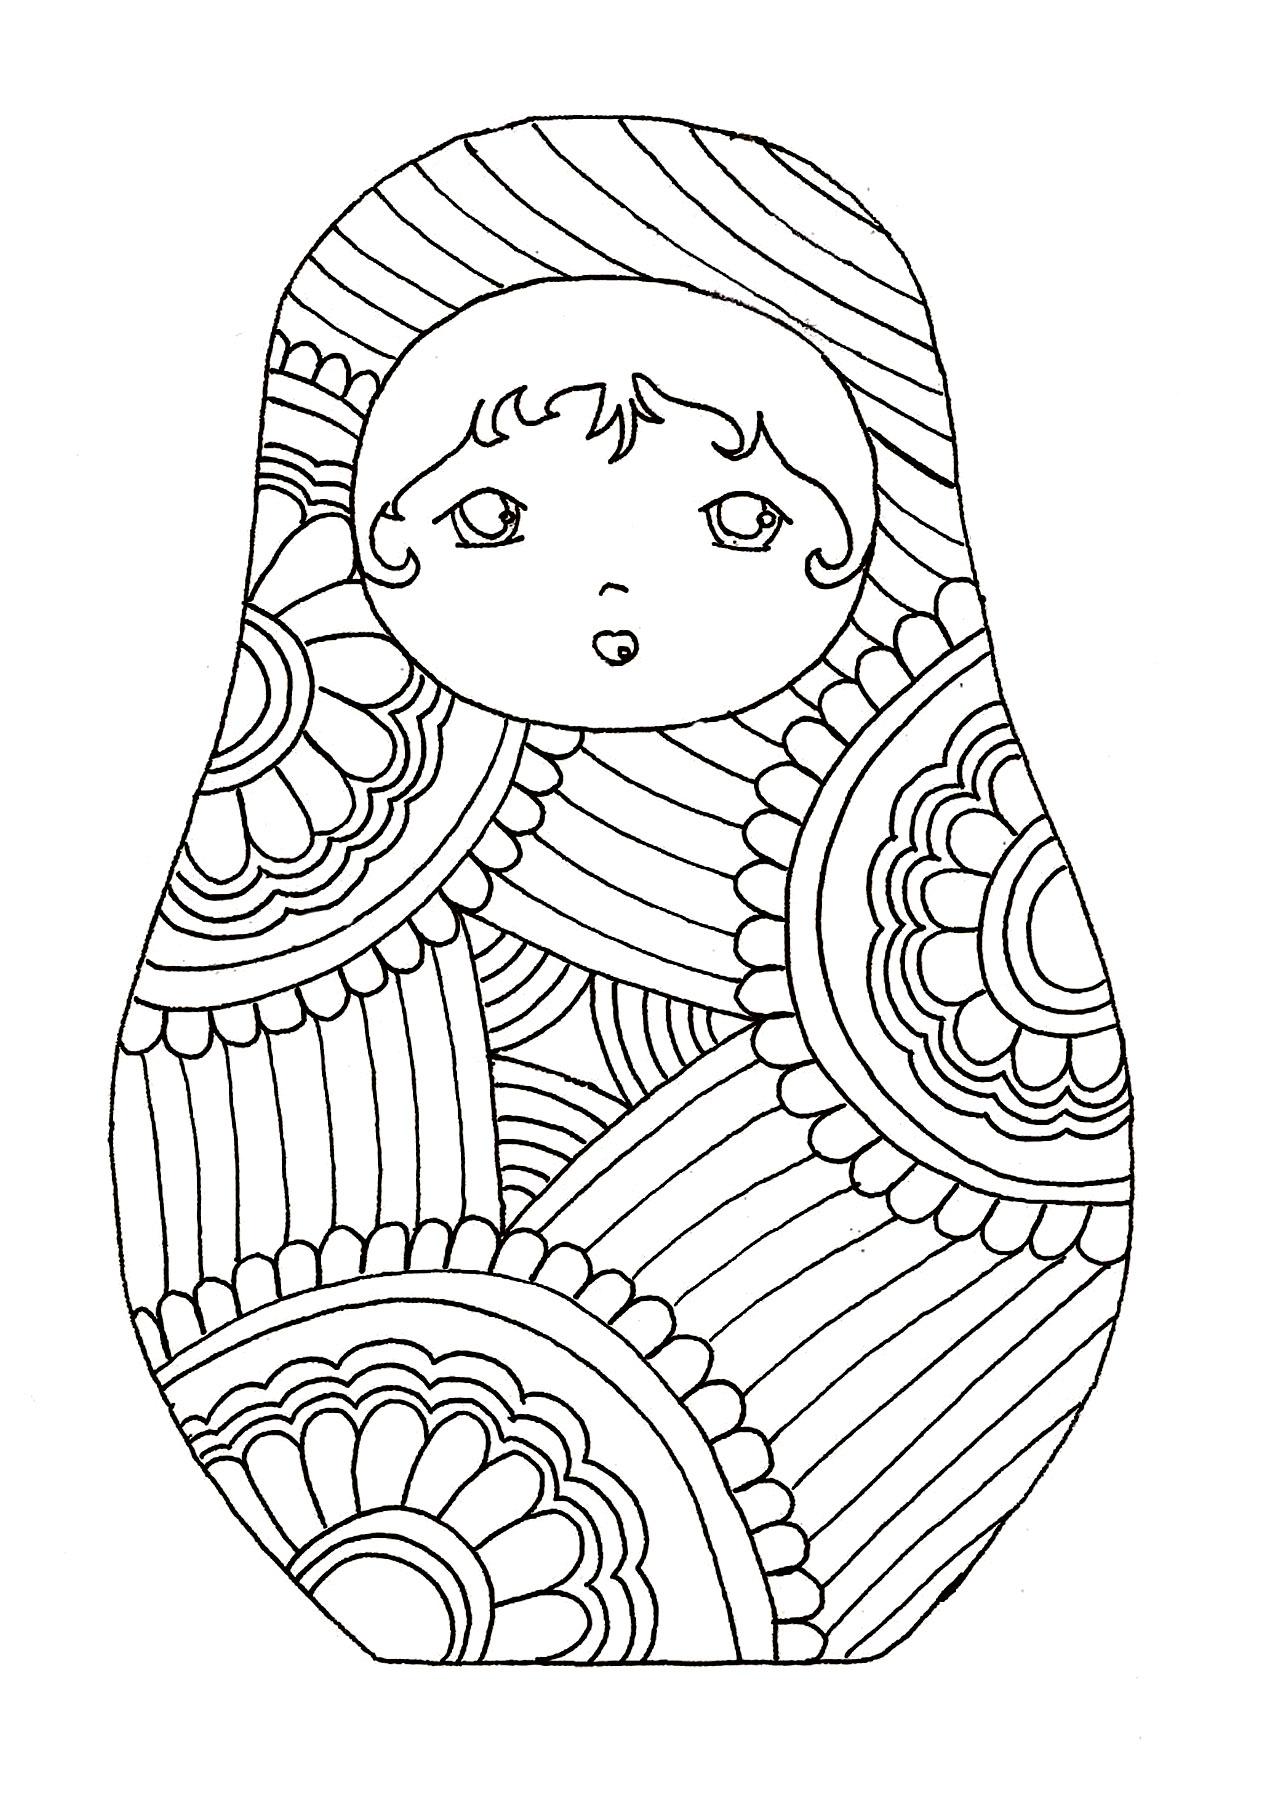 Muñecas Rusas - Colorear para adultos | JustColor